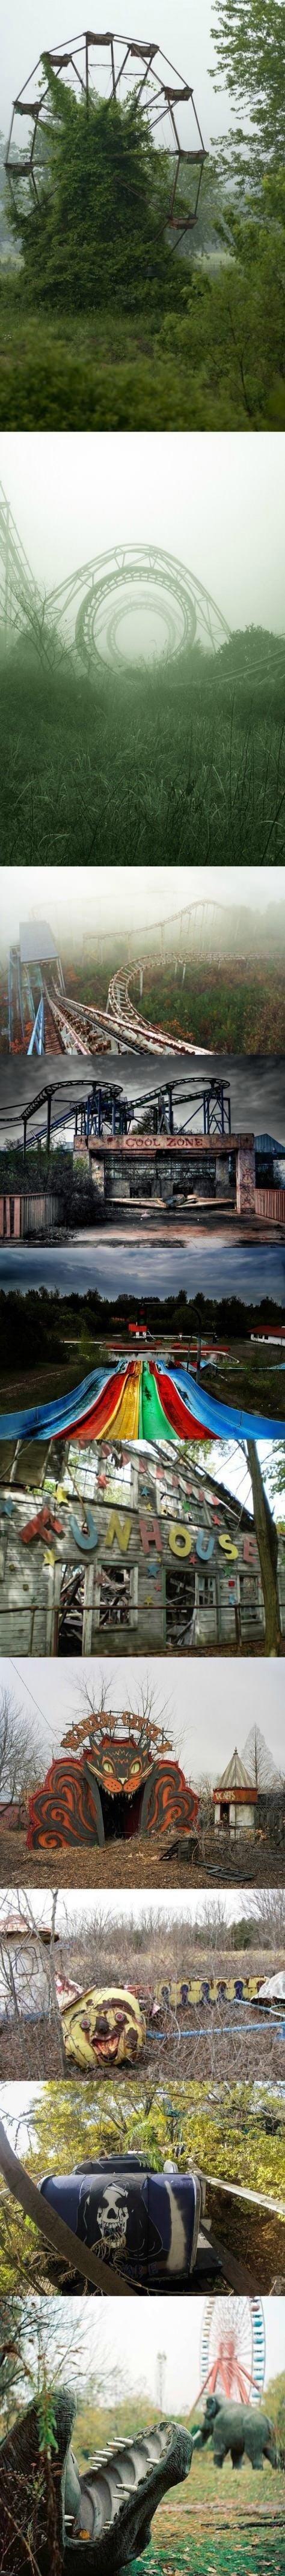 Abandoned Amusement Parks. .. Welcome to scary-as-hell-world, the only admission is Y̷̢̹͎ͤ͒̈̄̎̋̔ͮ̂Ő̹͕͐ͬ̈́̀U͛̂ͭ̋̒̐̀͡҉̲͈ R̯̉ͩͦ̃͌̚̚ ͕̤̪̹̊ͮͤ̀F̷̯̈̌̅̌͗̀͘U͔̱͕͔ͨ͒̉̊ͧ͝C ̲̮̯͆̉̍̃K̲̗ͤͨ̆͋̈͑̌I͕ͫ͘Ņ̄̾ͣͬ̚ ̨